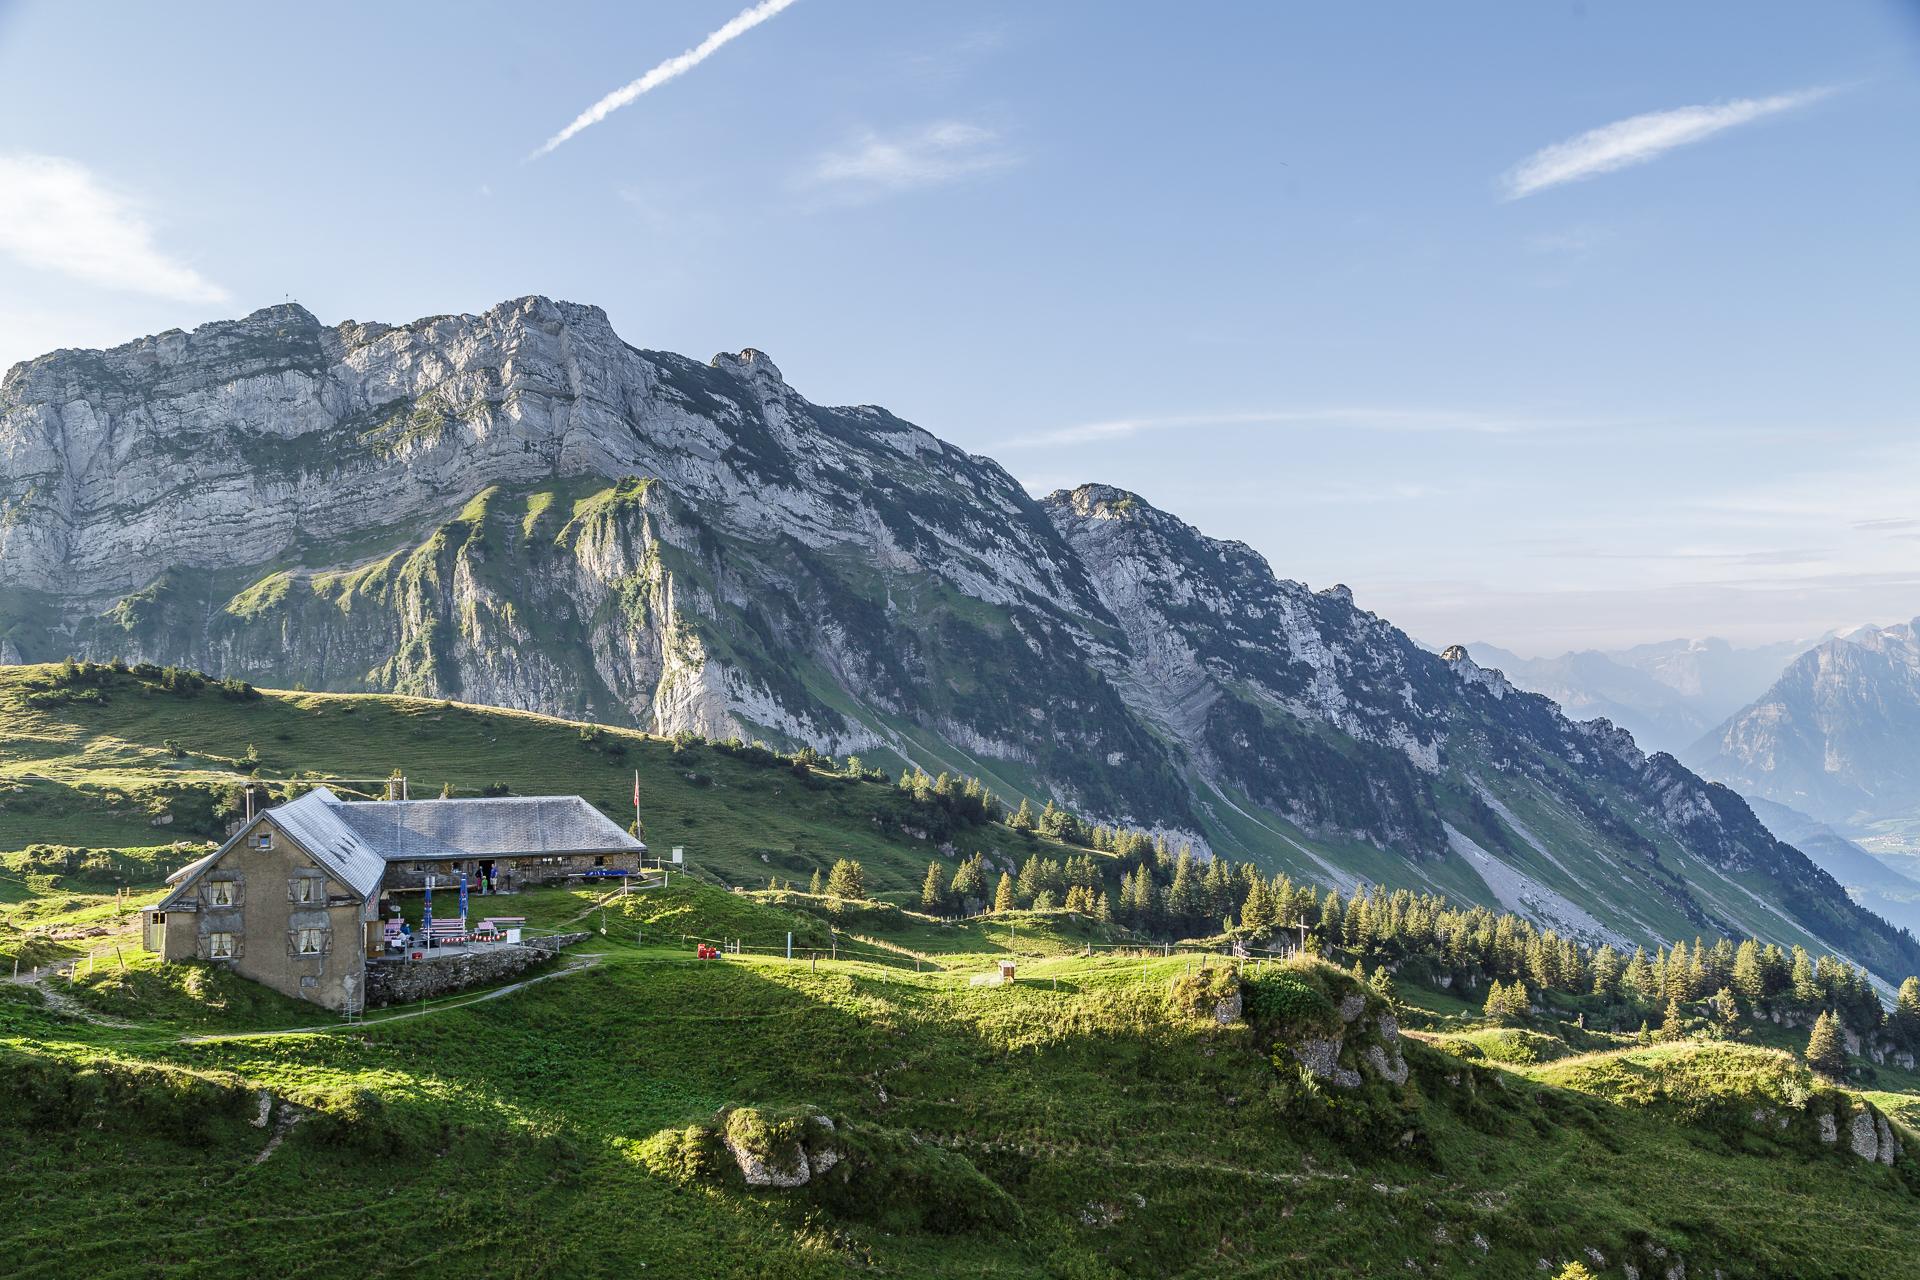 Klettersteig Adelboden : Klettersteig archive ⋆ geo